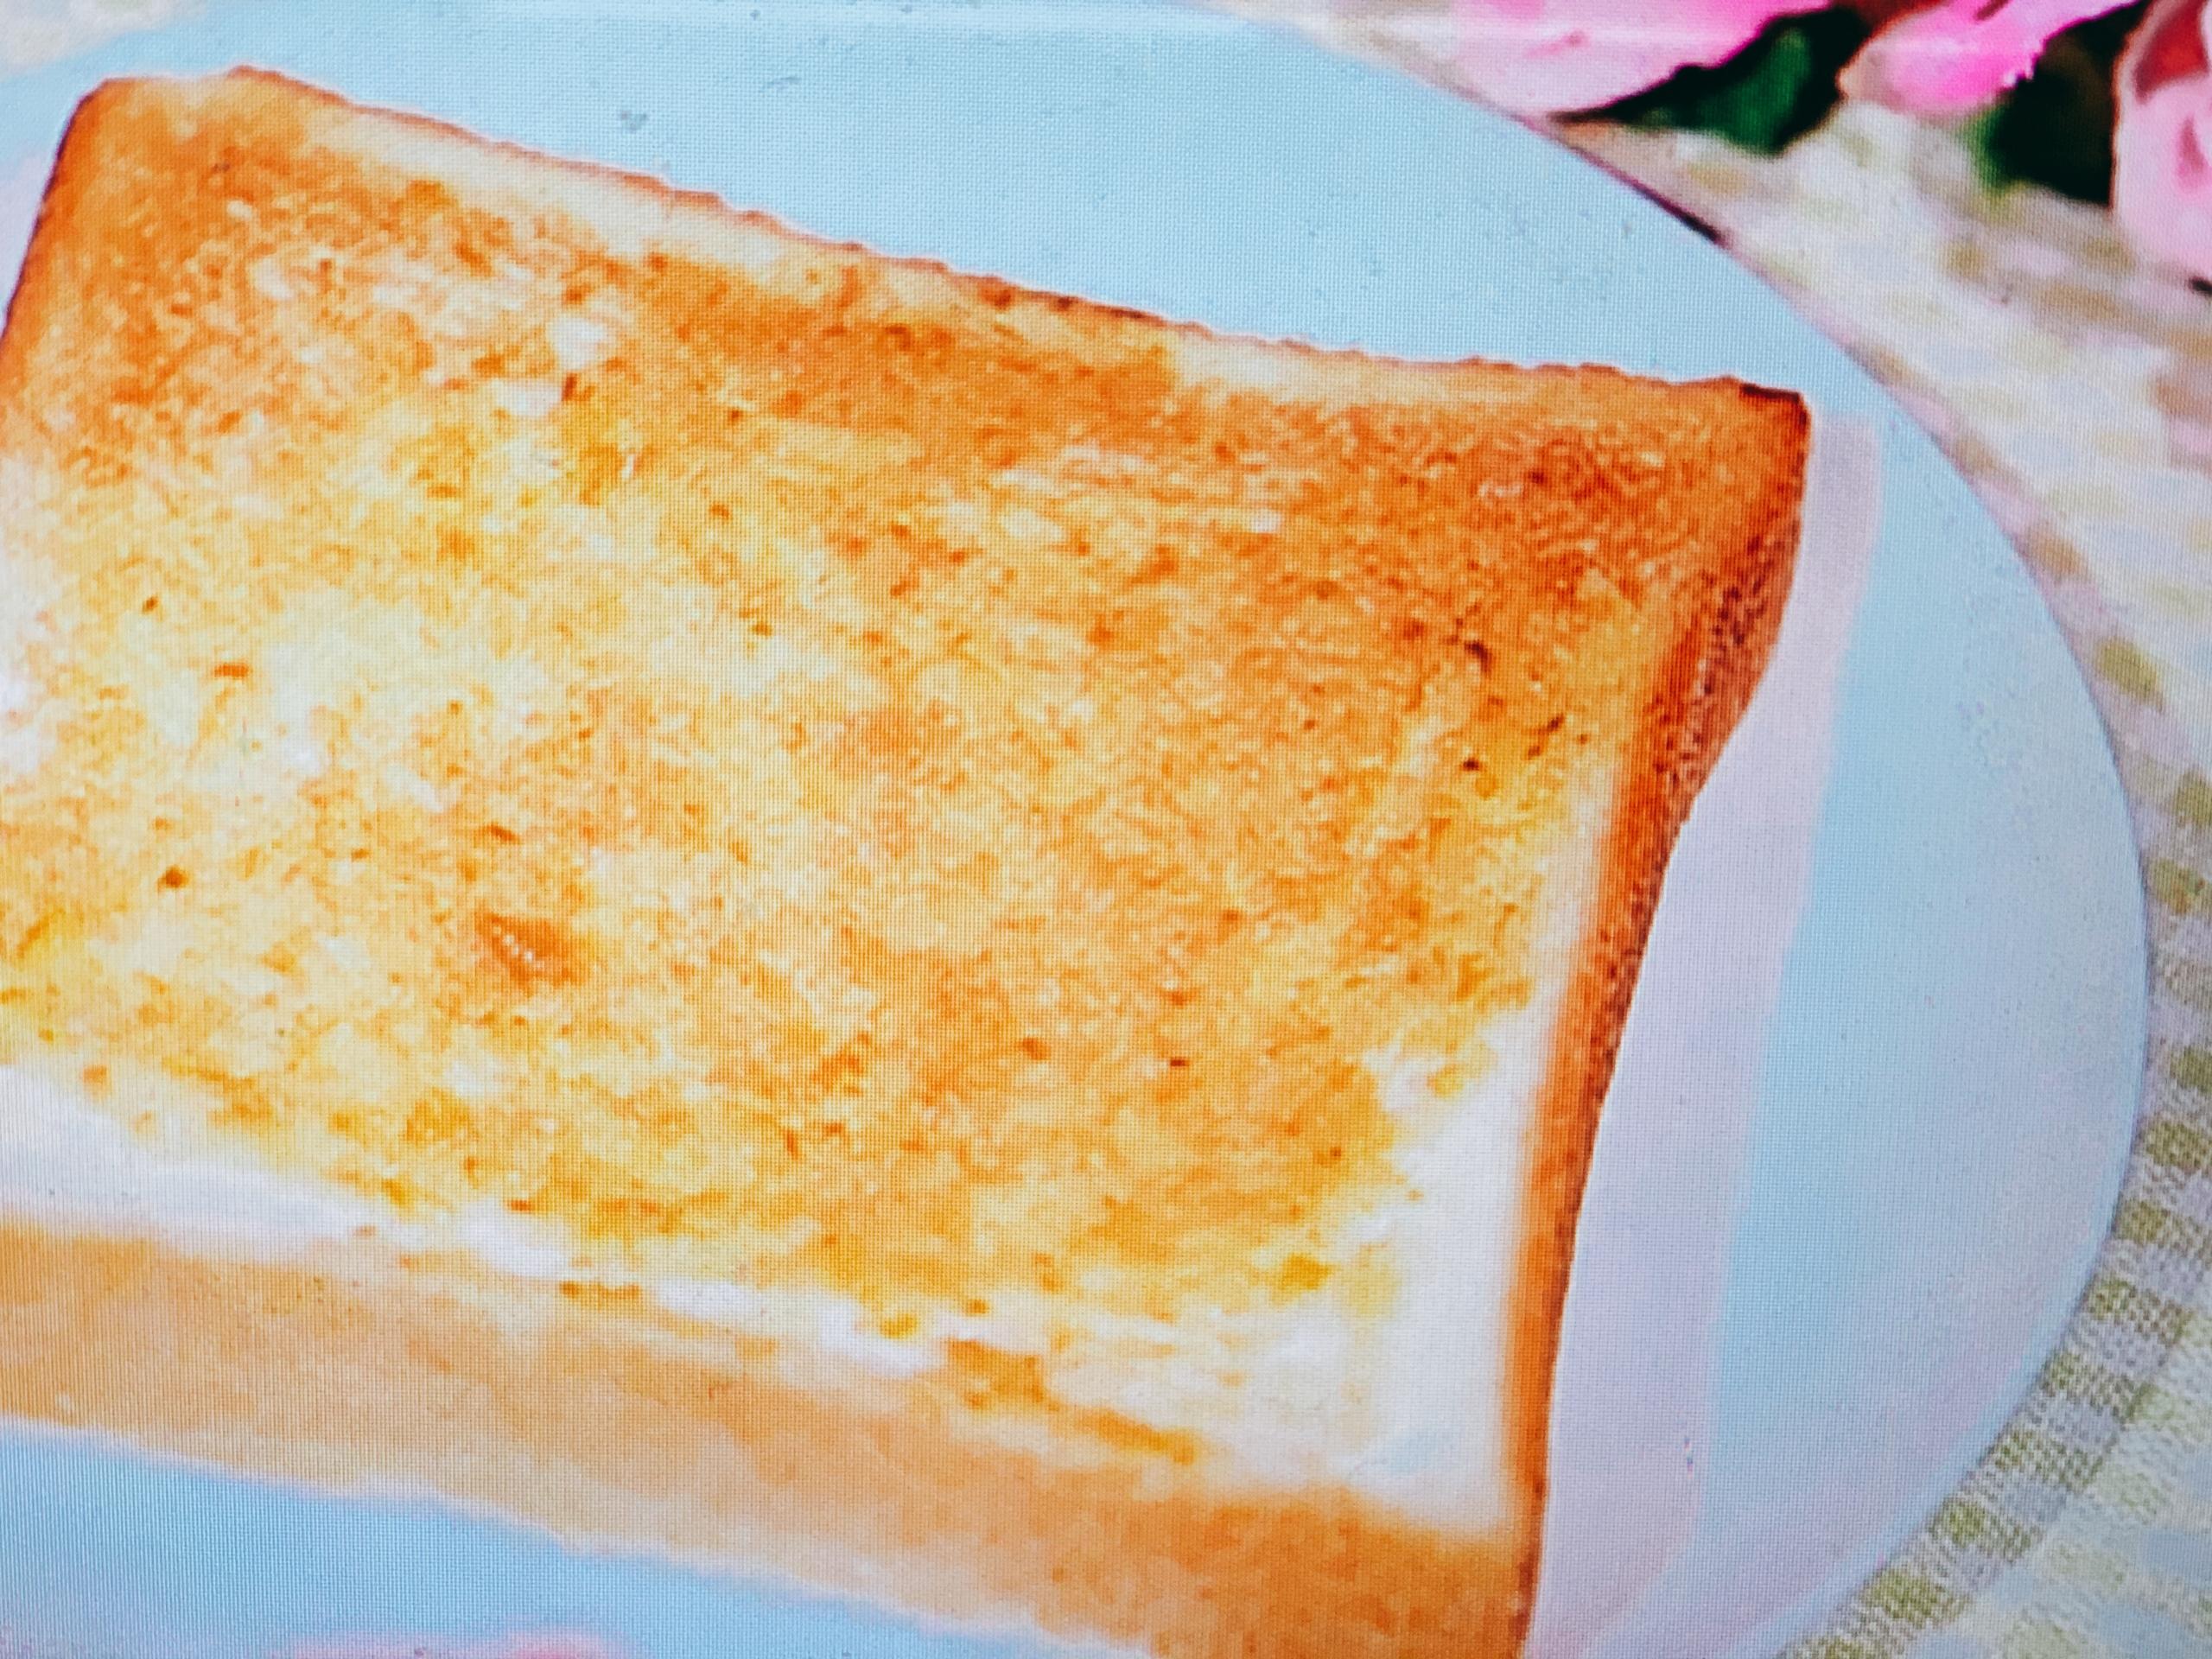 ヒルナンデス 食パン 柚子胡椒 レシピ 画像